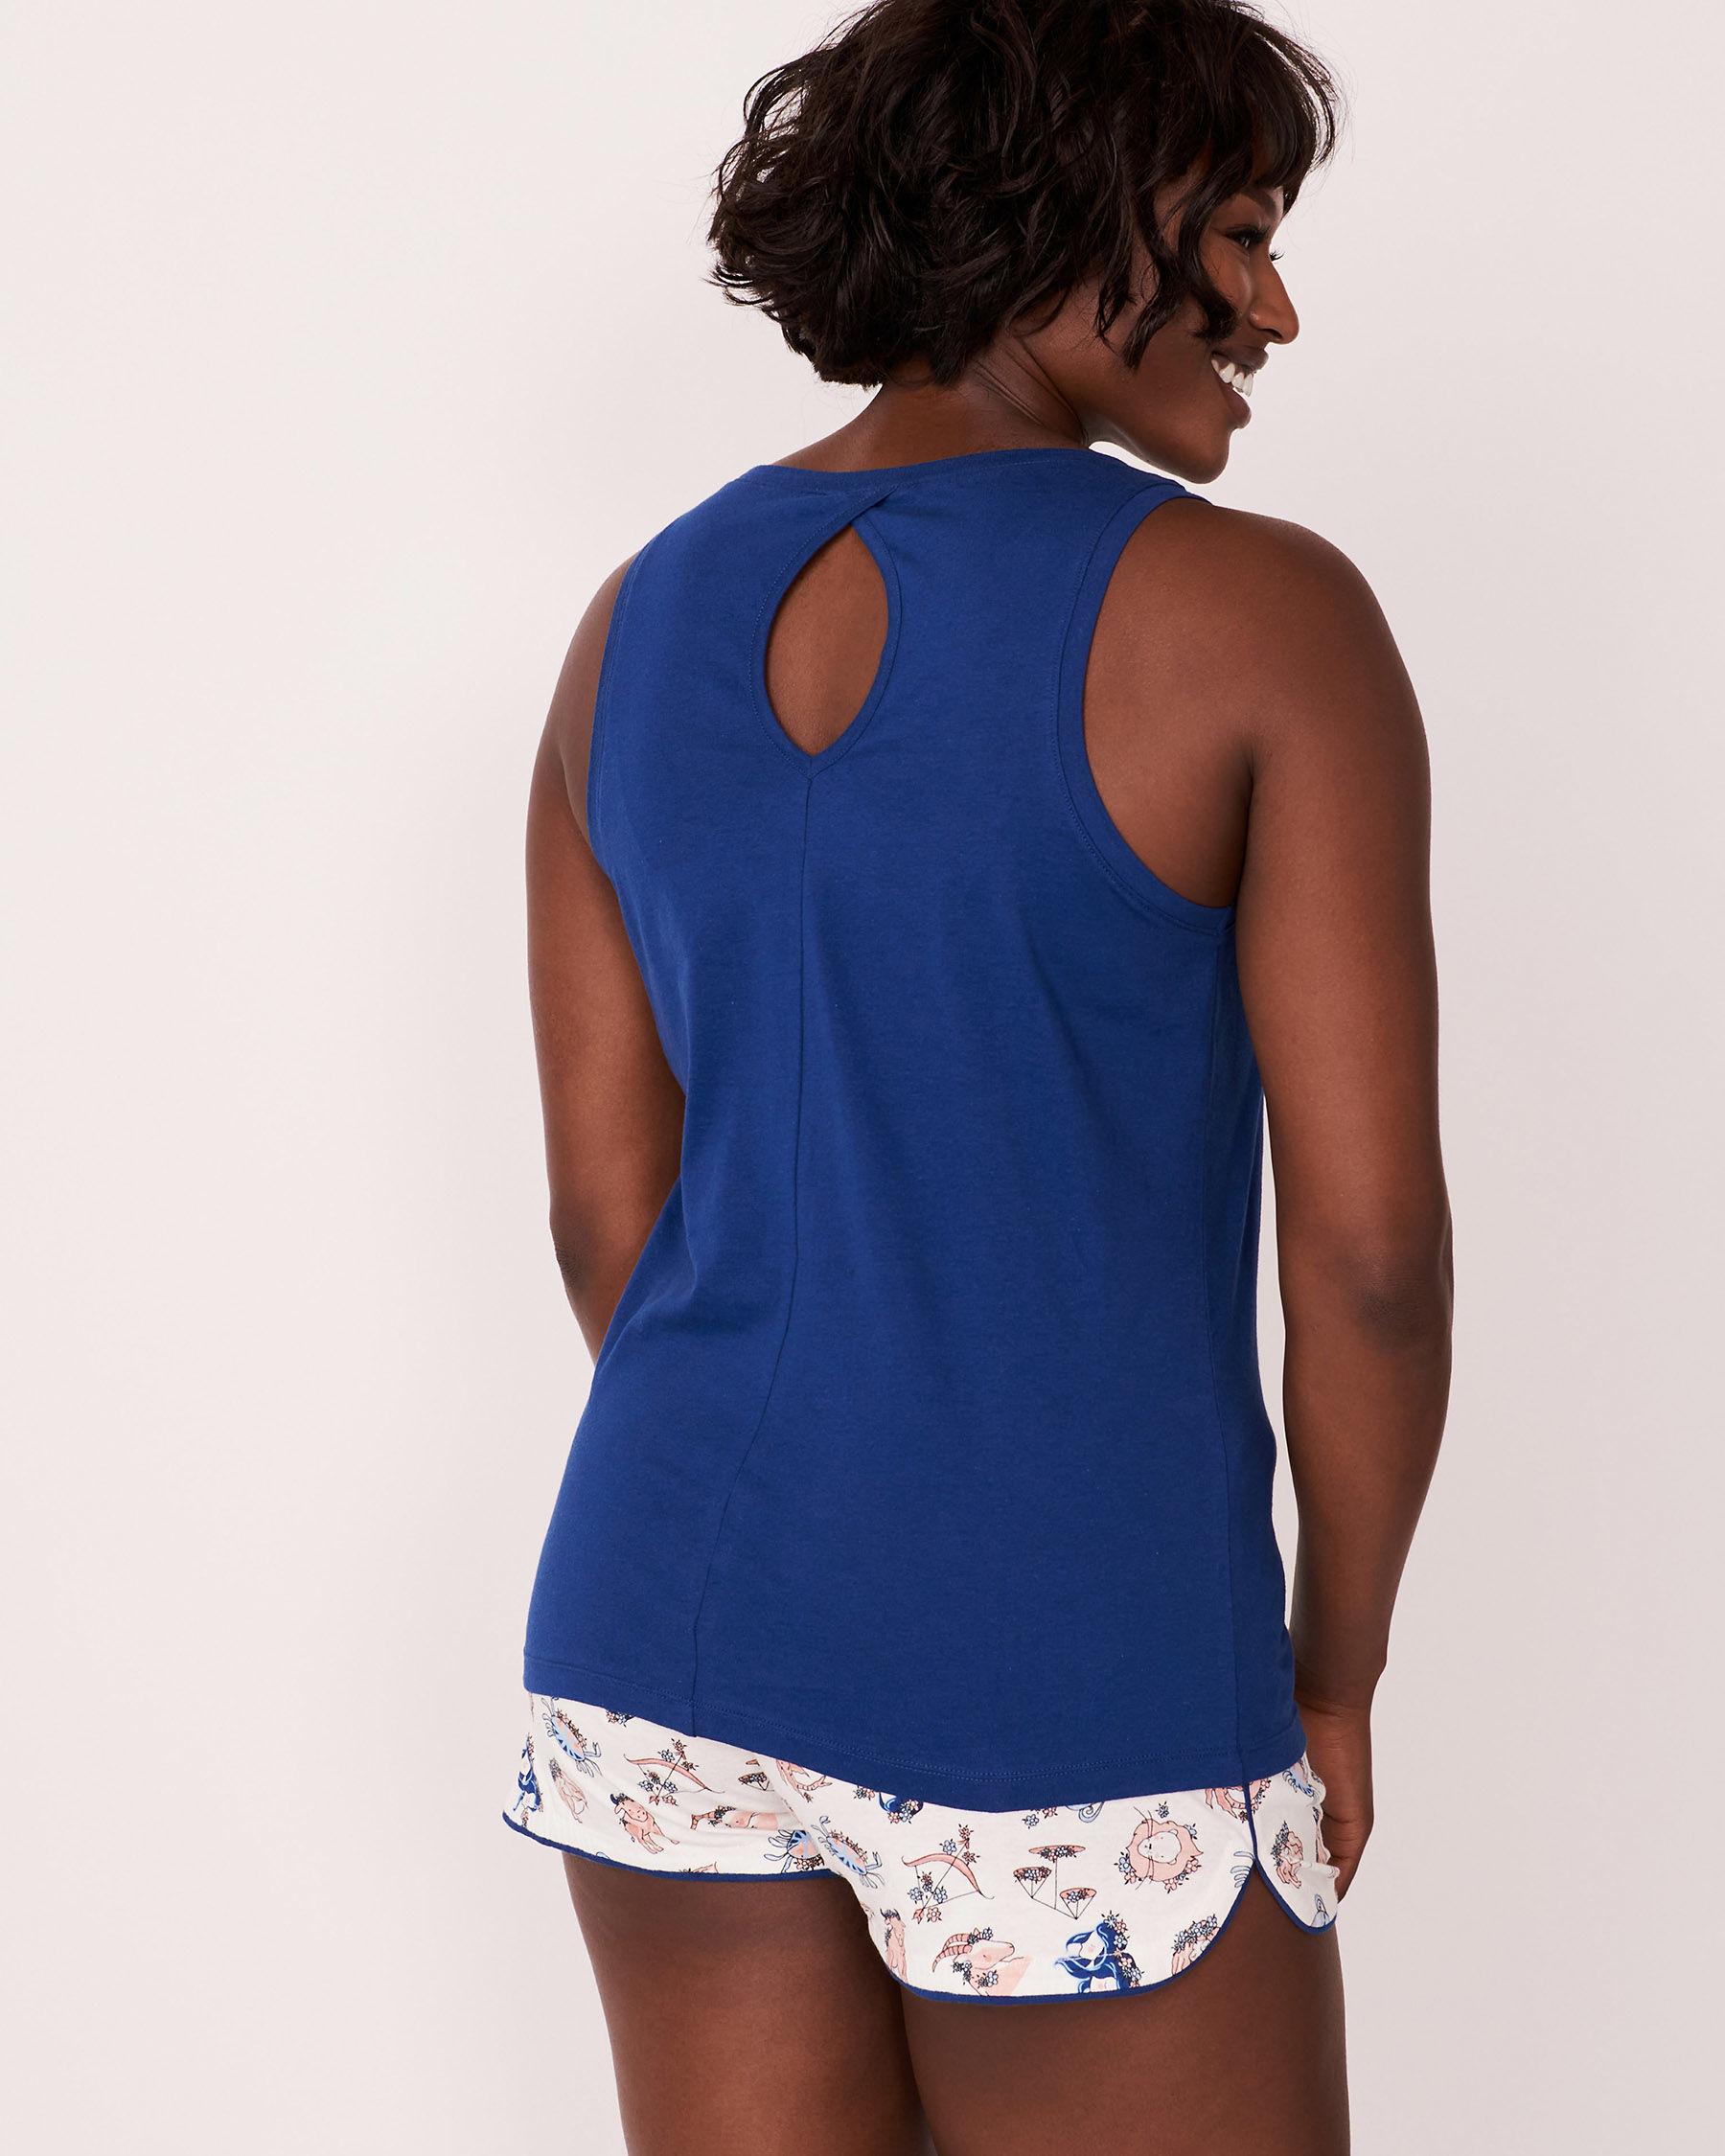 LA VIE EN ROSE V-neckline Cami Blue 878-385-0-11 - View3